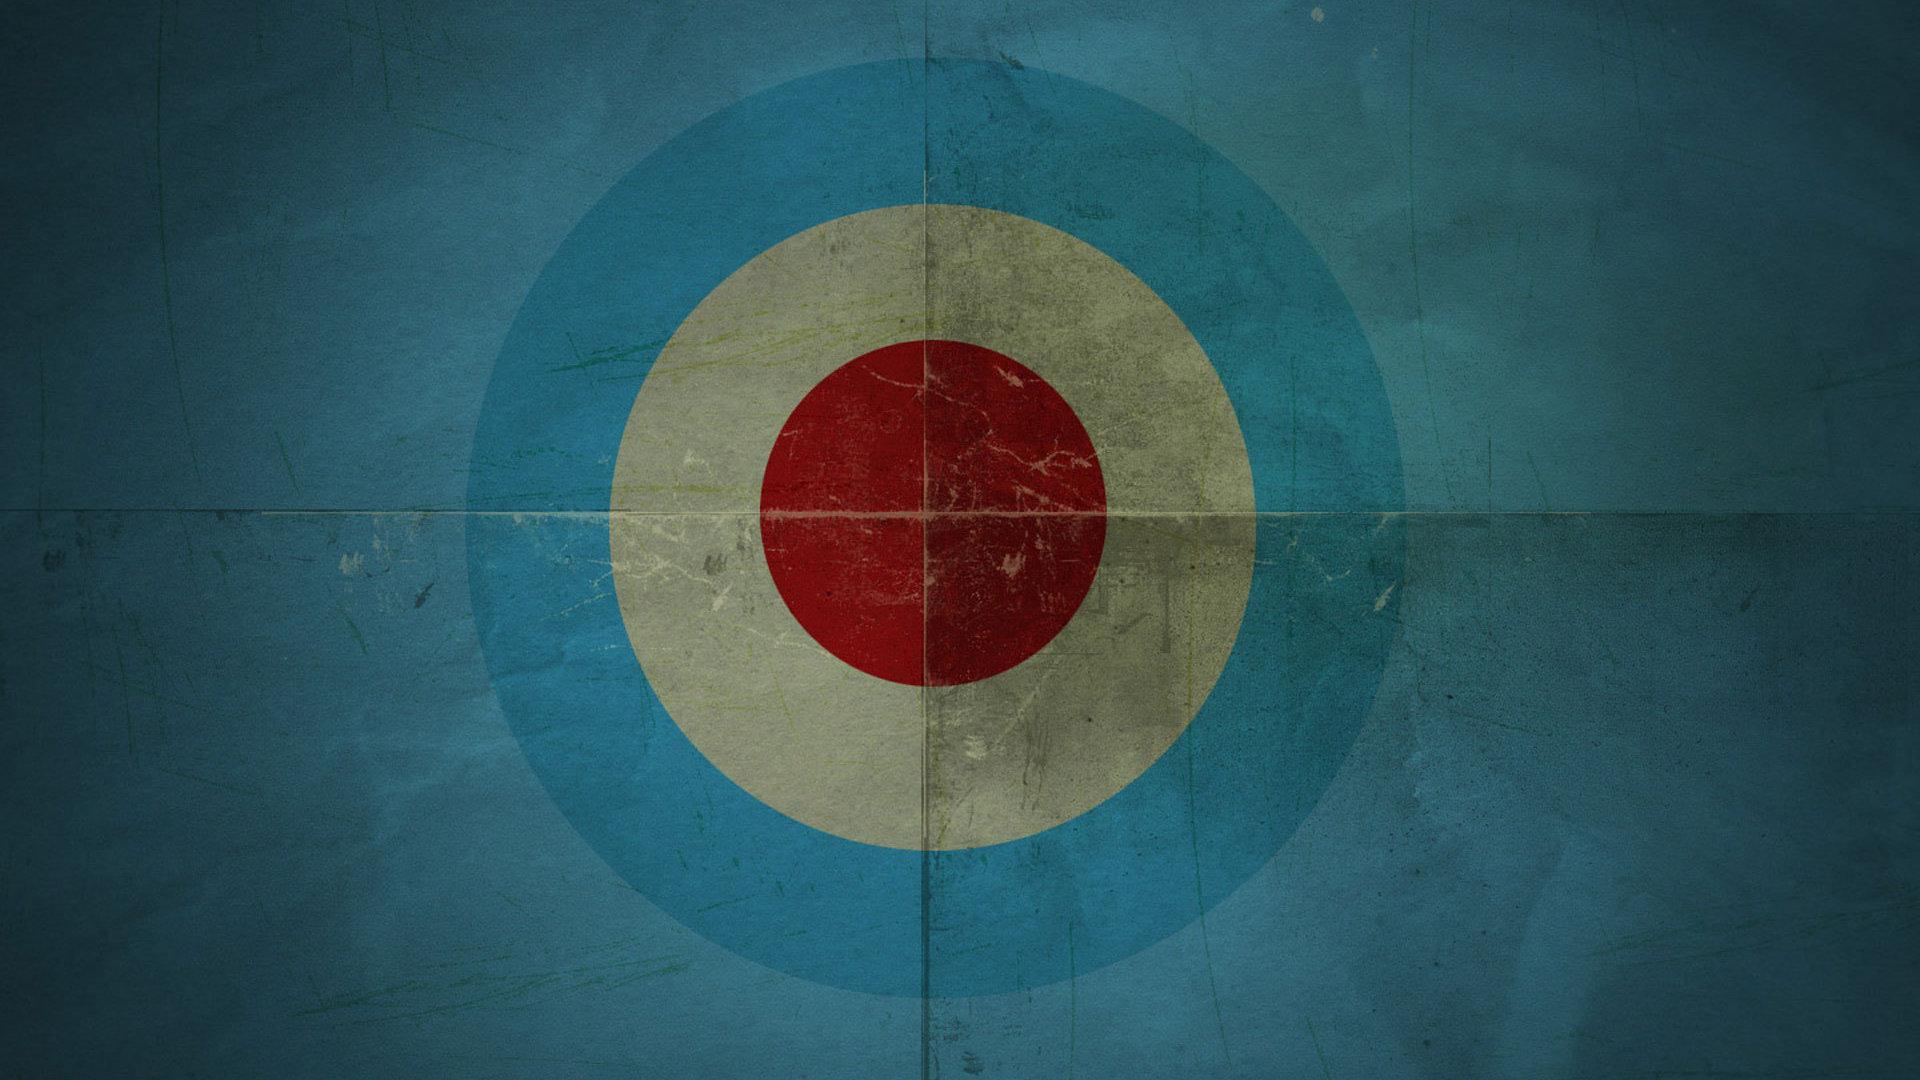 Target 1920x1080